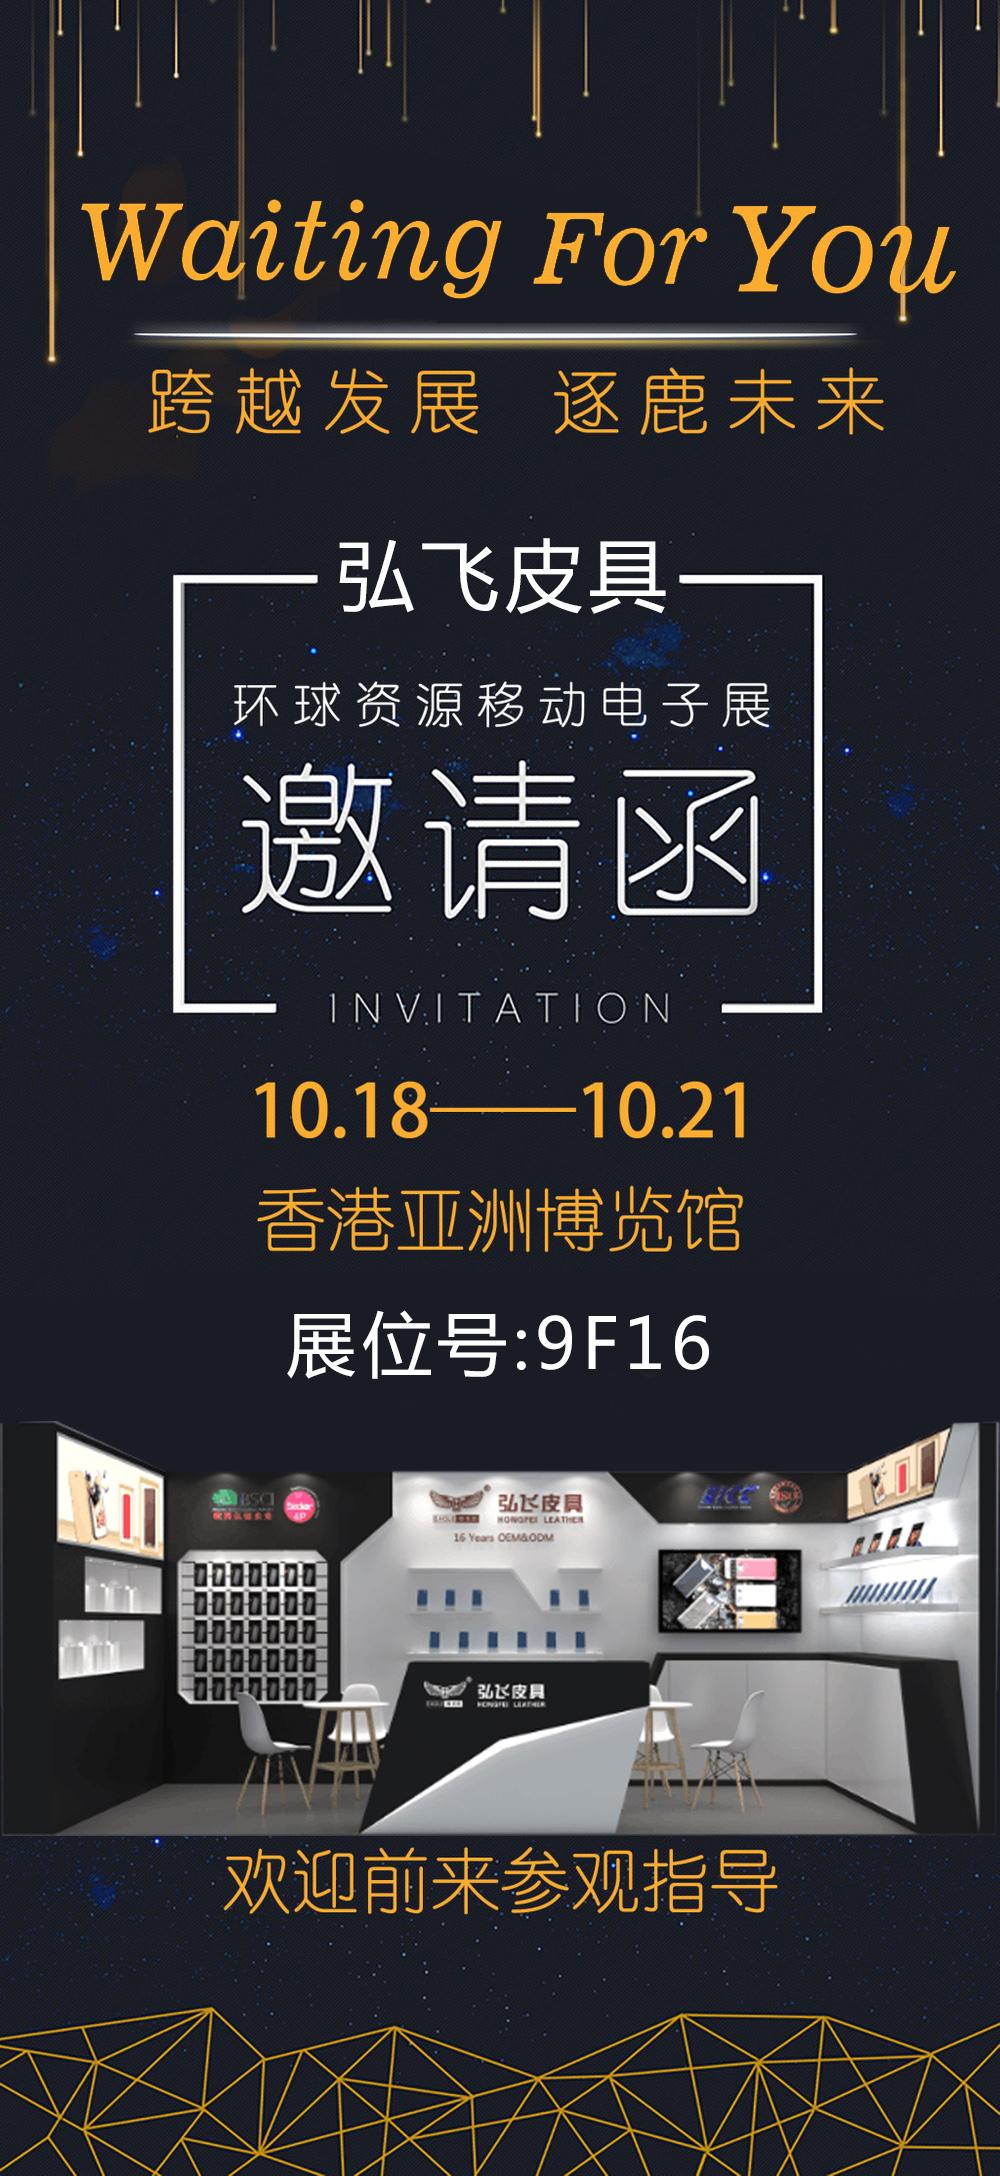 香港消费电子展邀请函